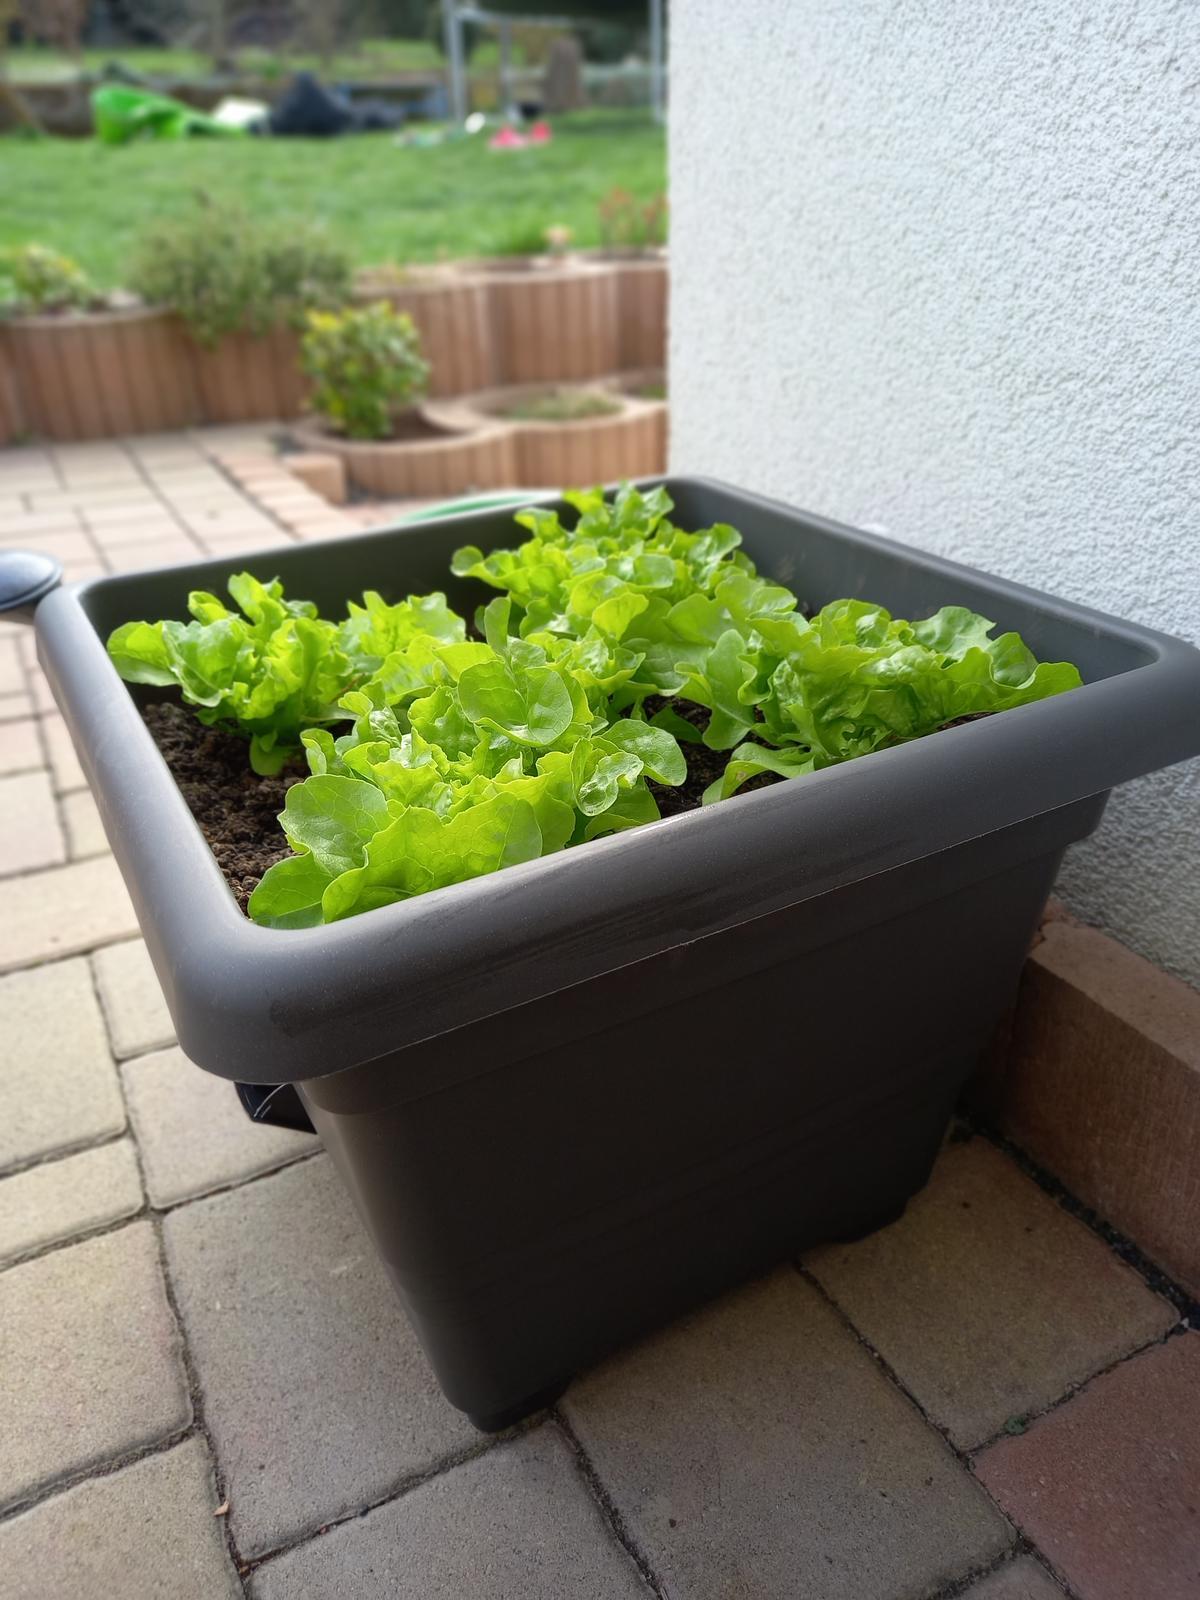 Jedlá zahrada - Salát Dubáček - může se sklízet postupně,odtrháváním listů